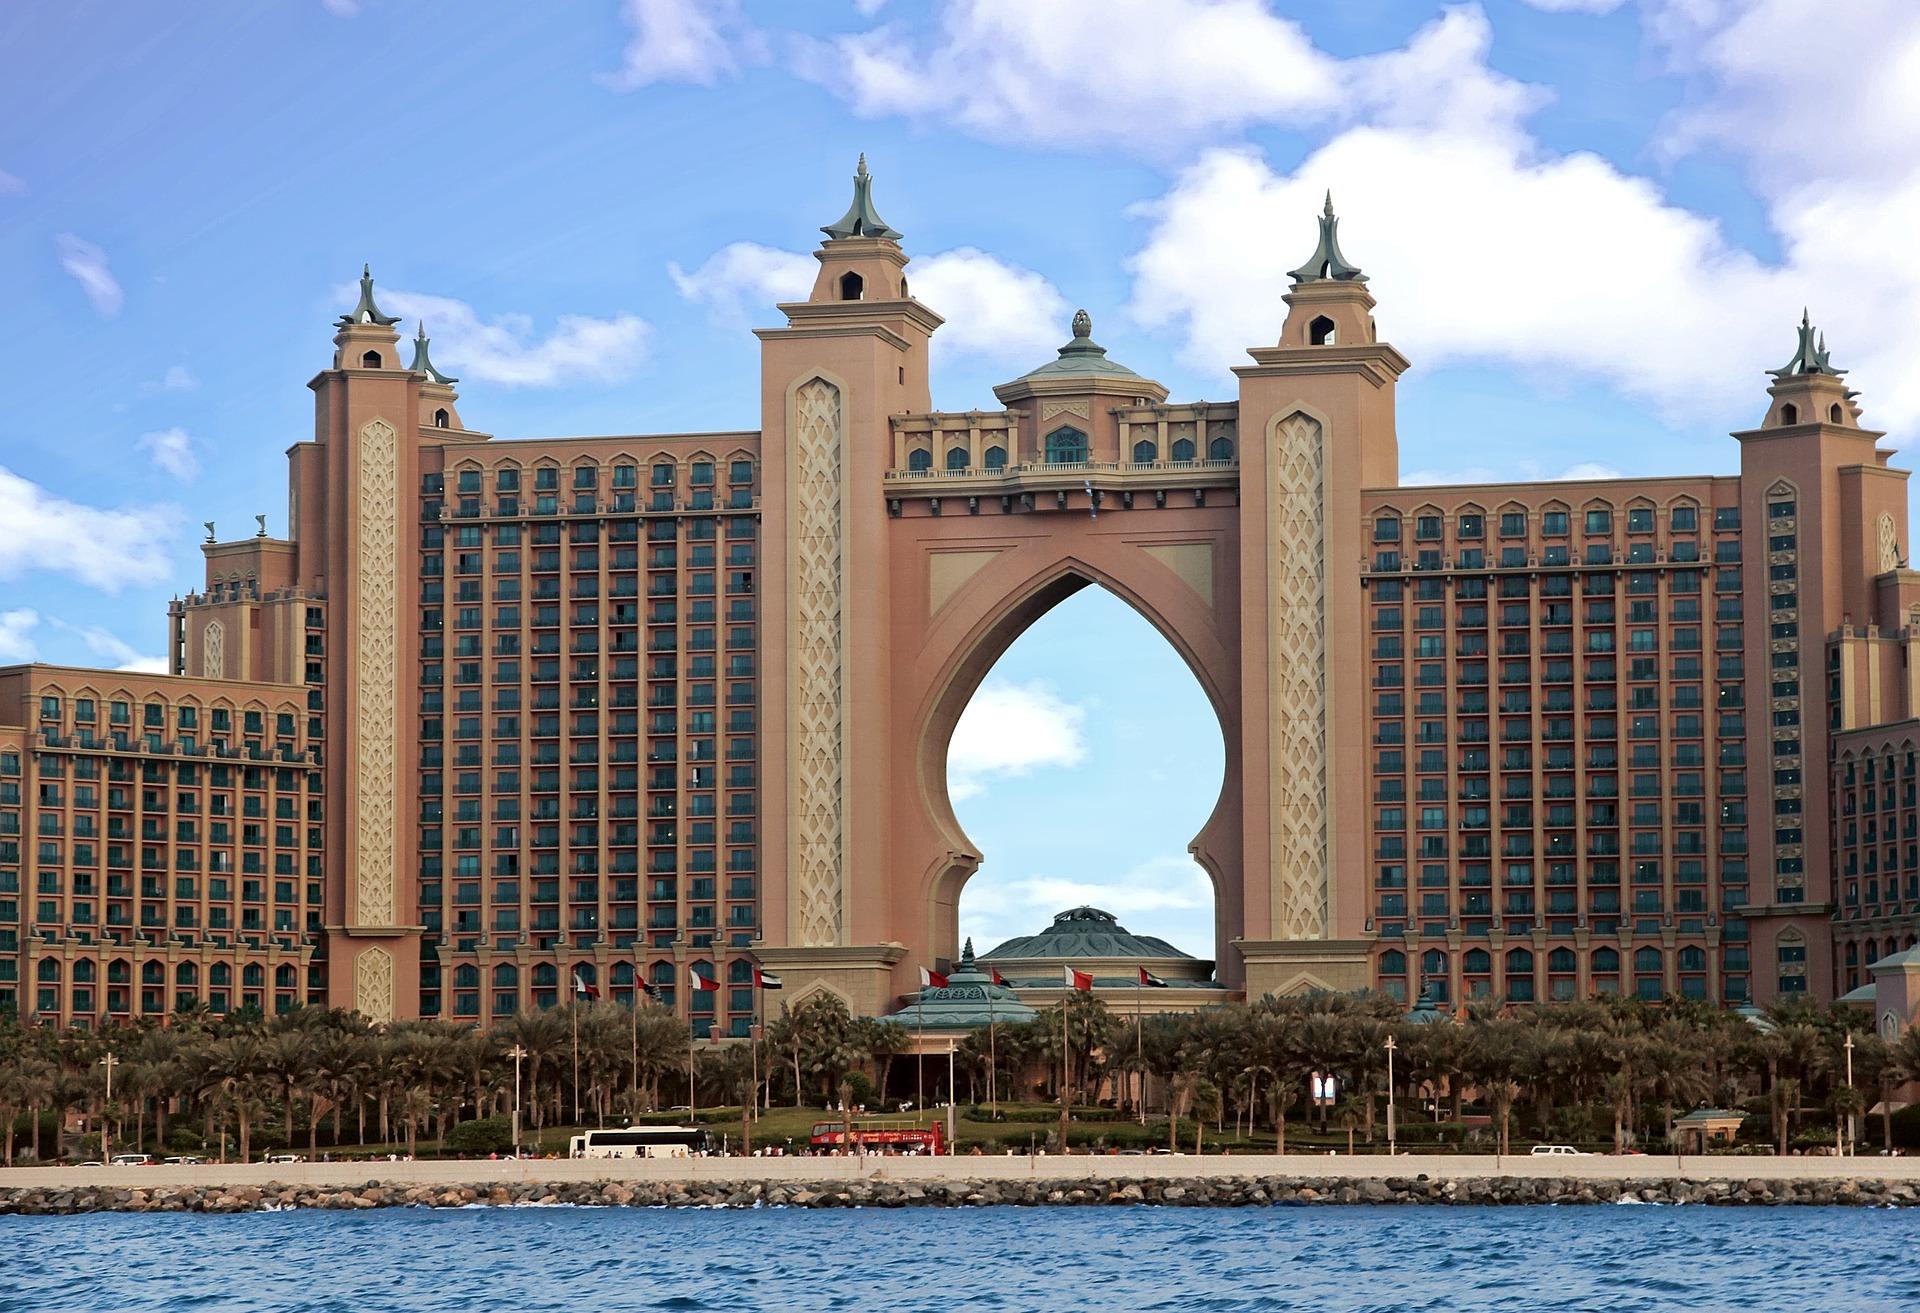 Отель Atlantis Дубай (фото)